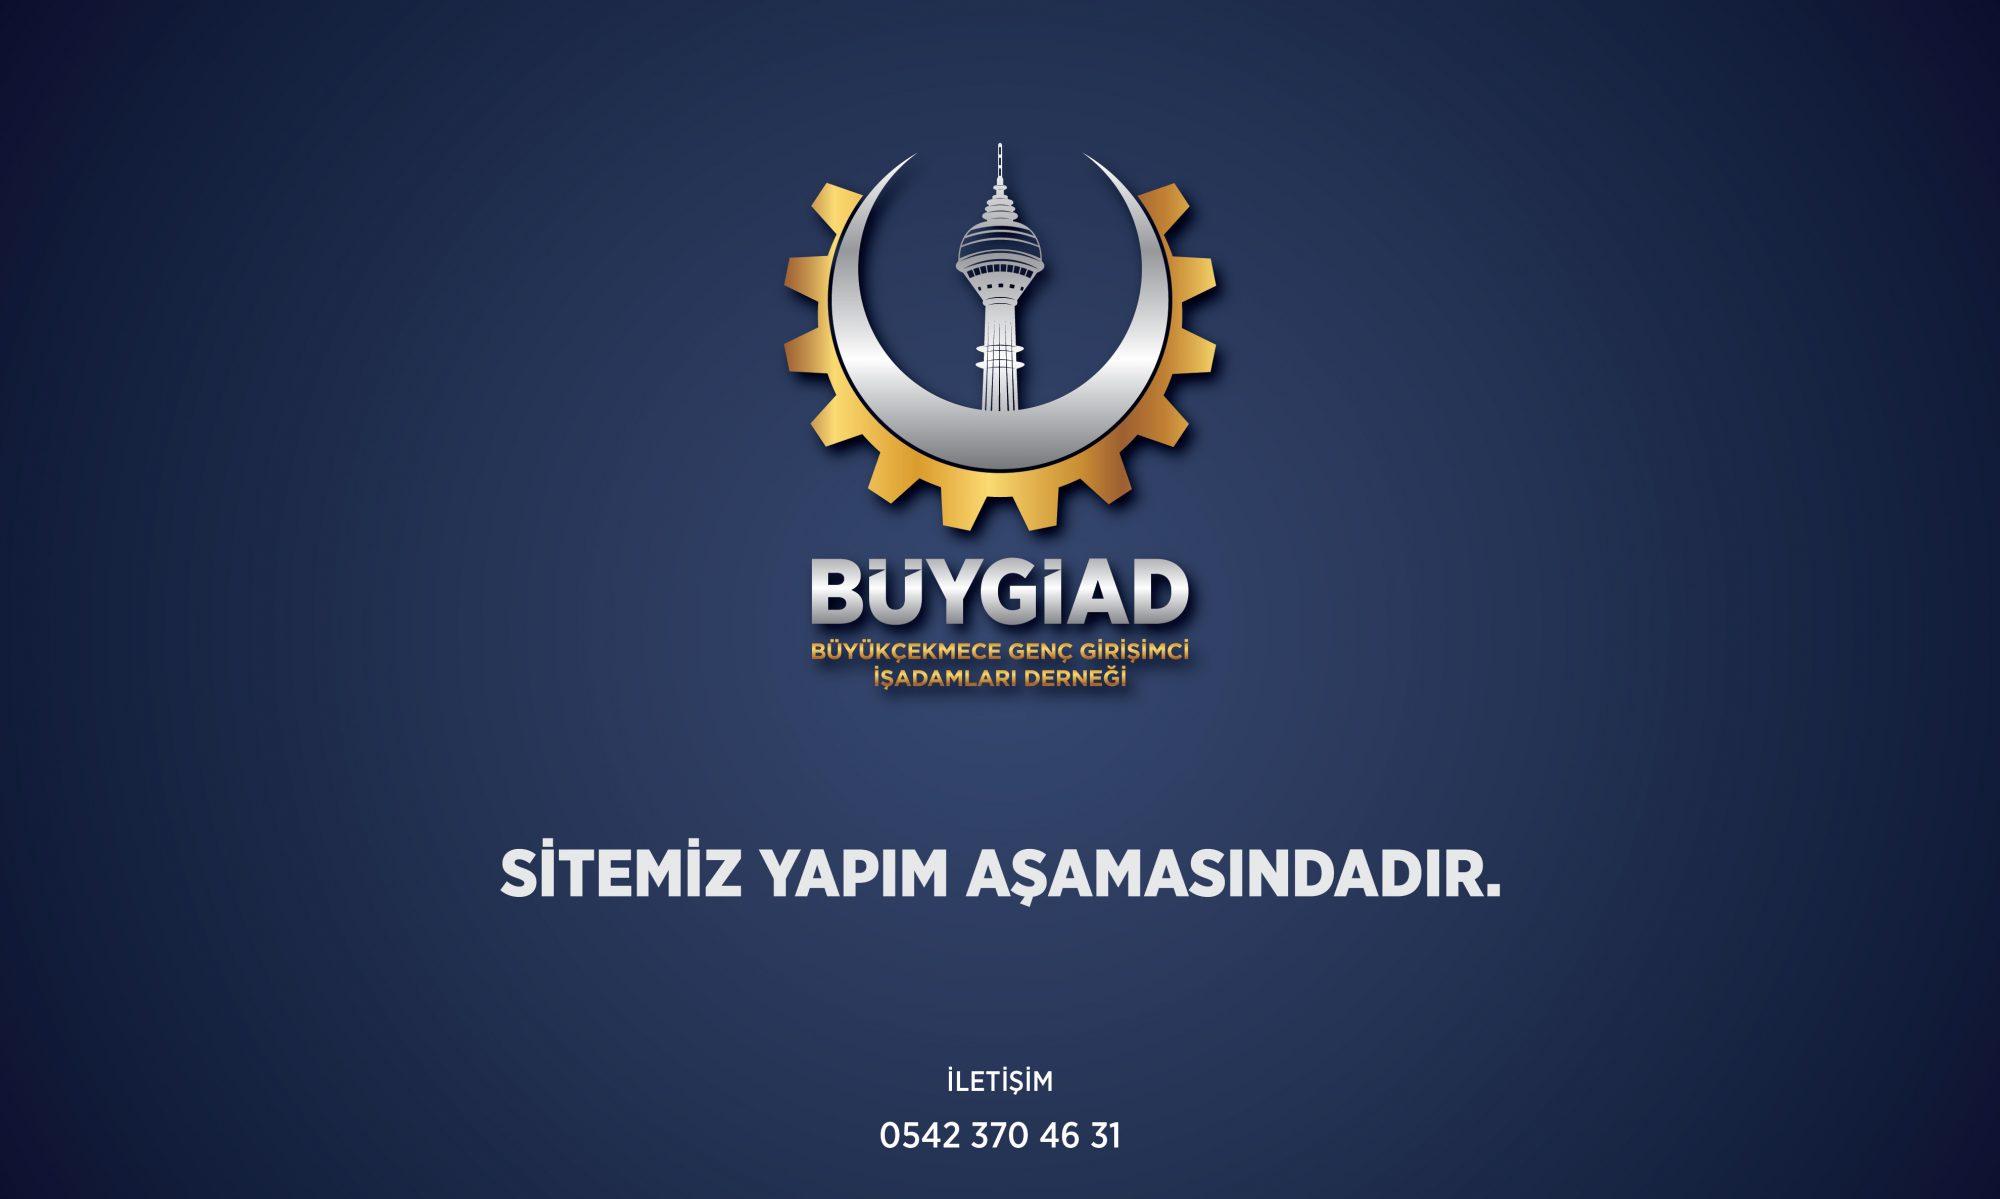 Büygiad - Büyükçekmece Genç Girişimci İş Adamları Derneği